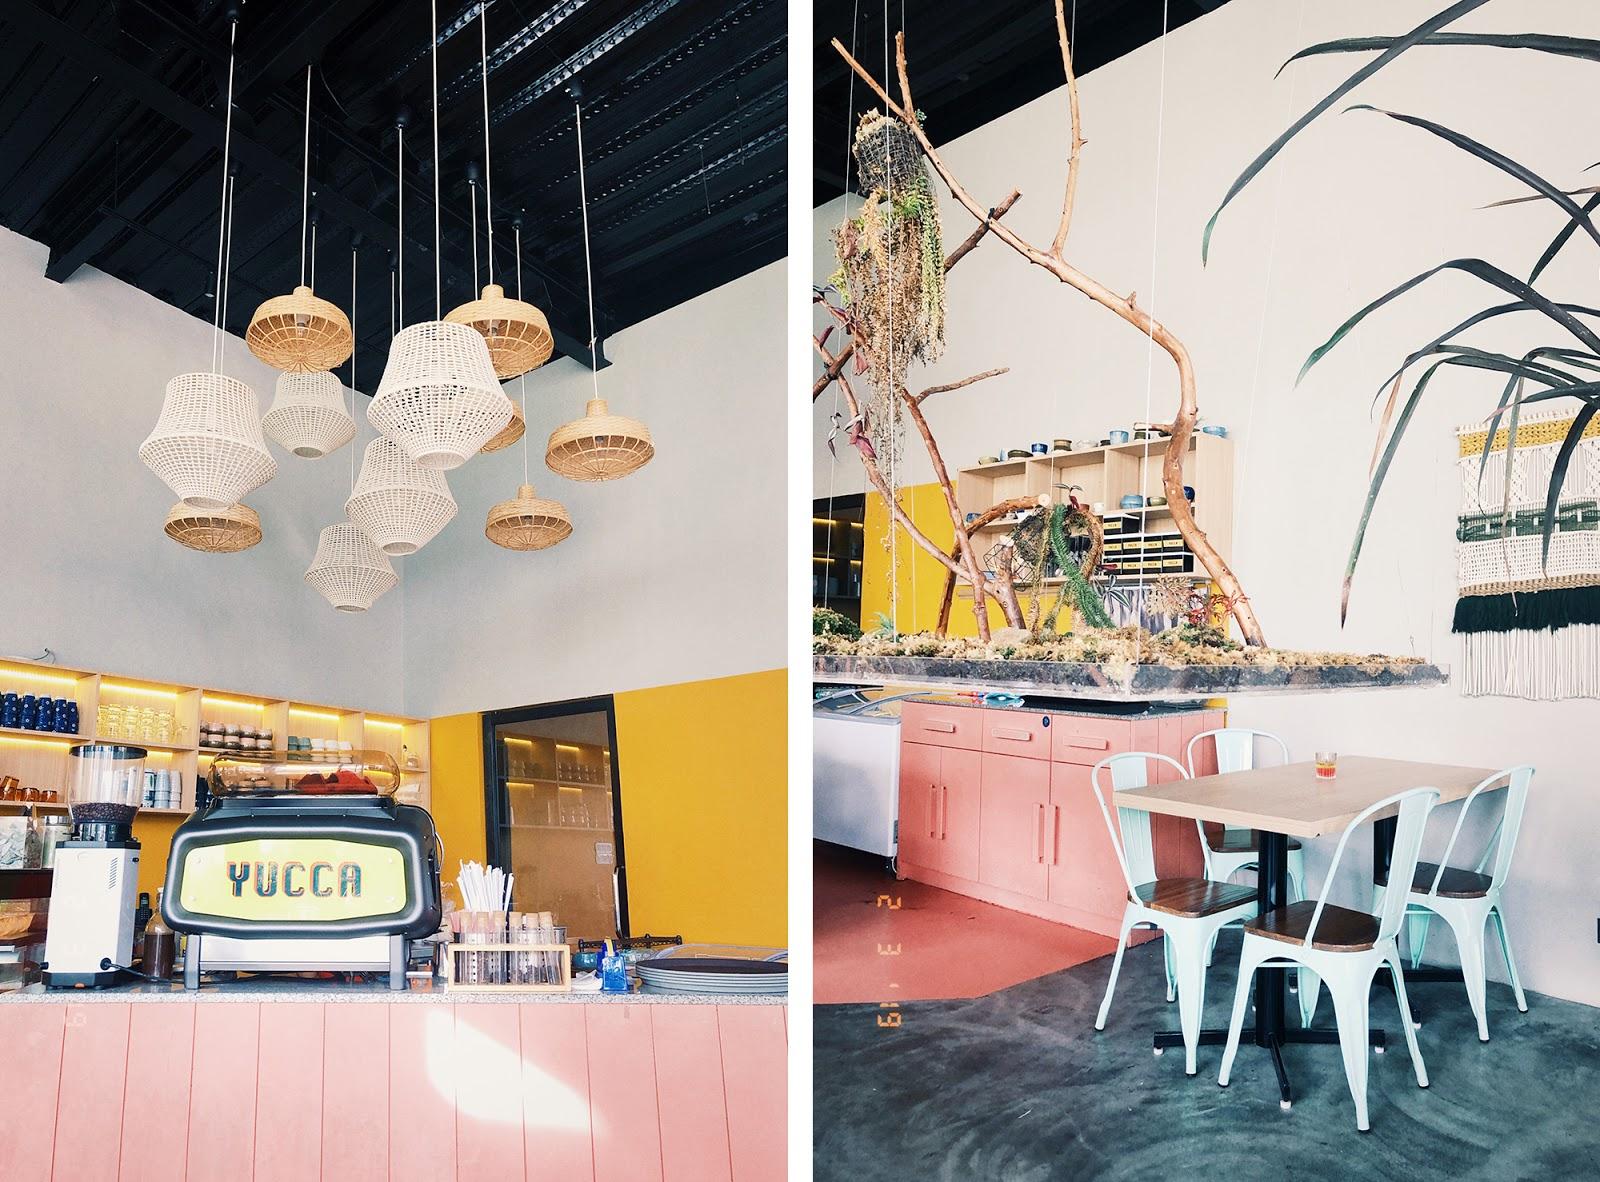 Cafe Yucca | www.bigdreamerblog.com